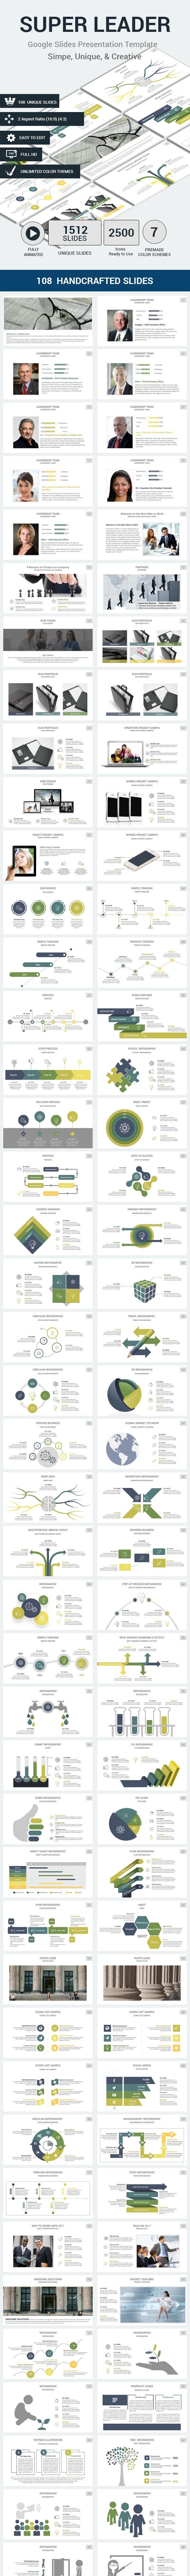 Super Leader Google Slides Presentation Template - Google Slides Presentation Templates